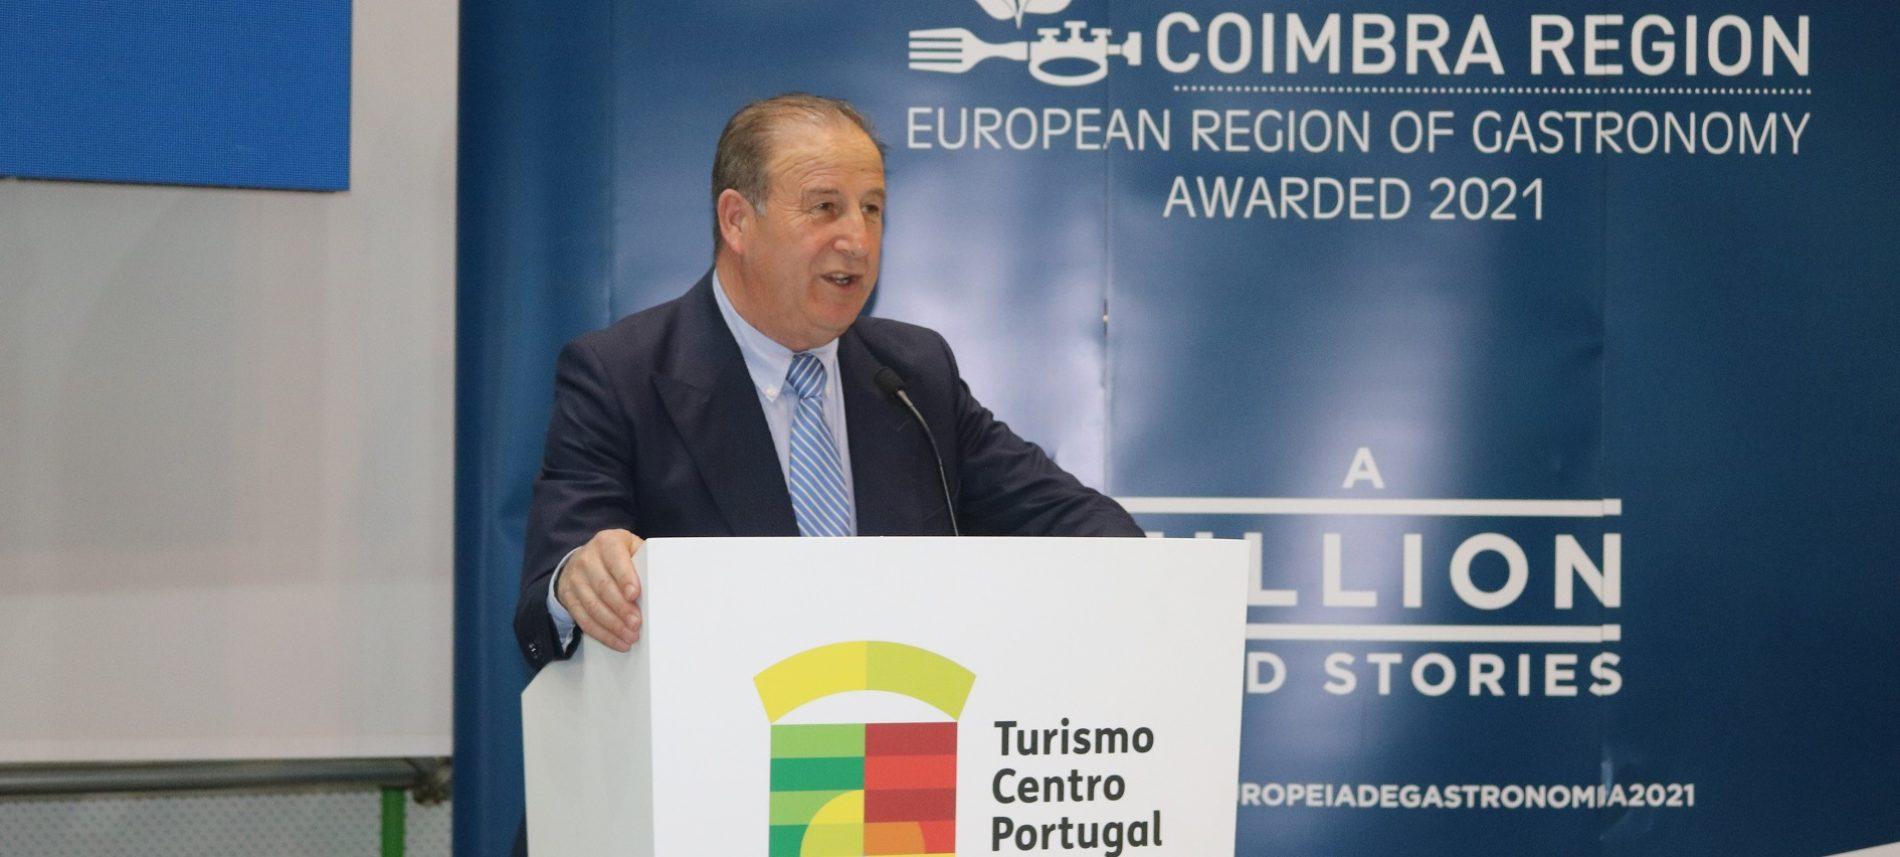 José Carlos Alexandrino foi eleito presidente da CIM da Região de Coimbra